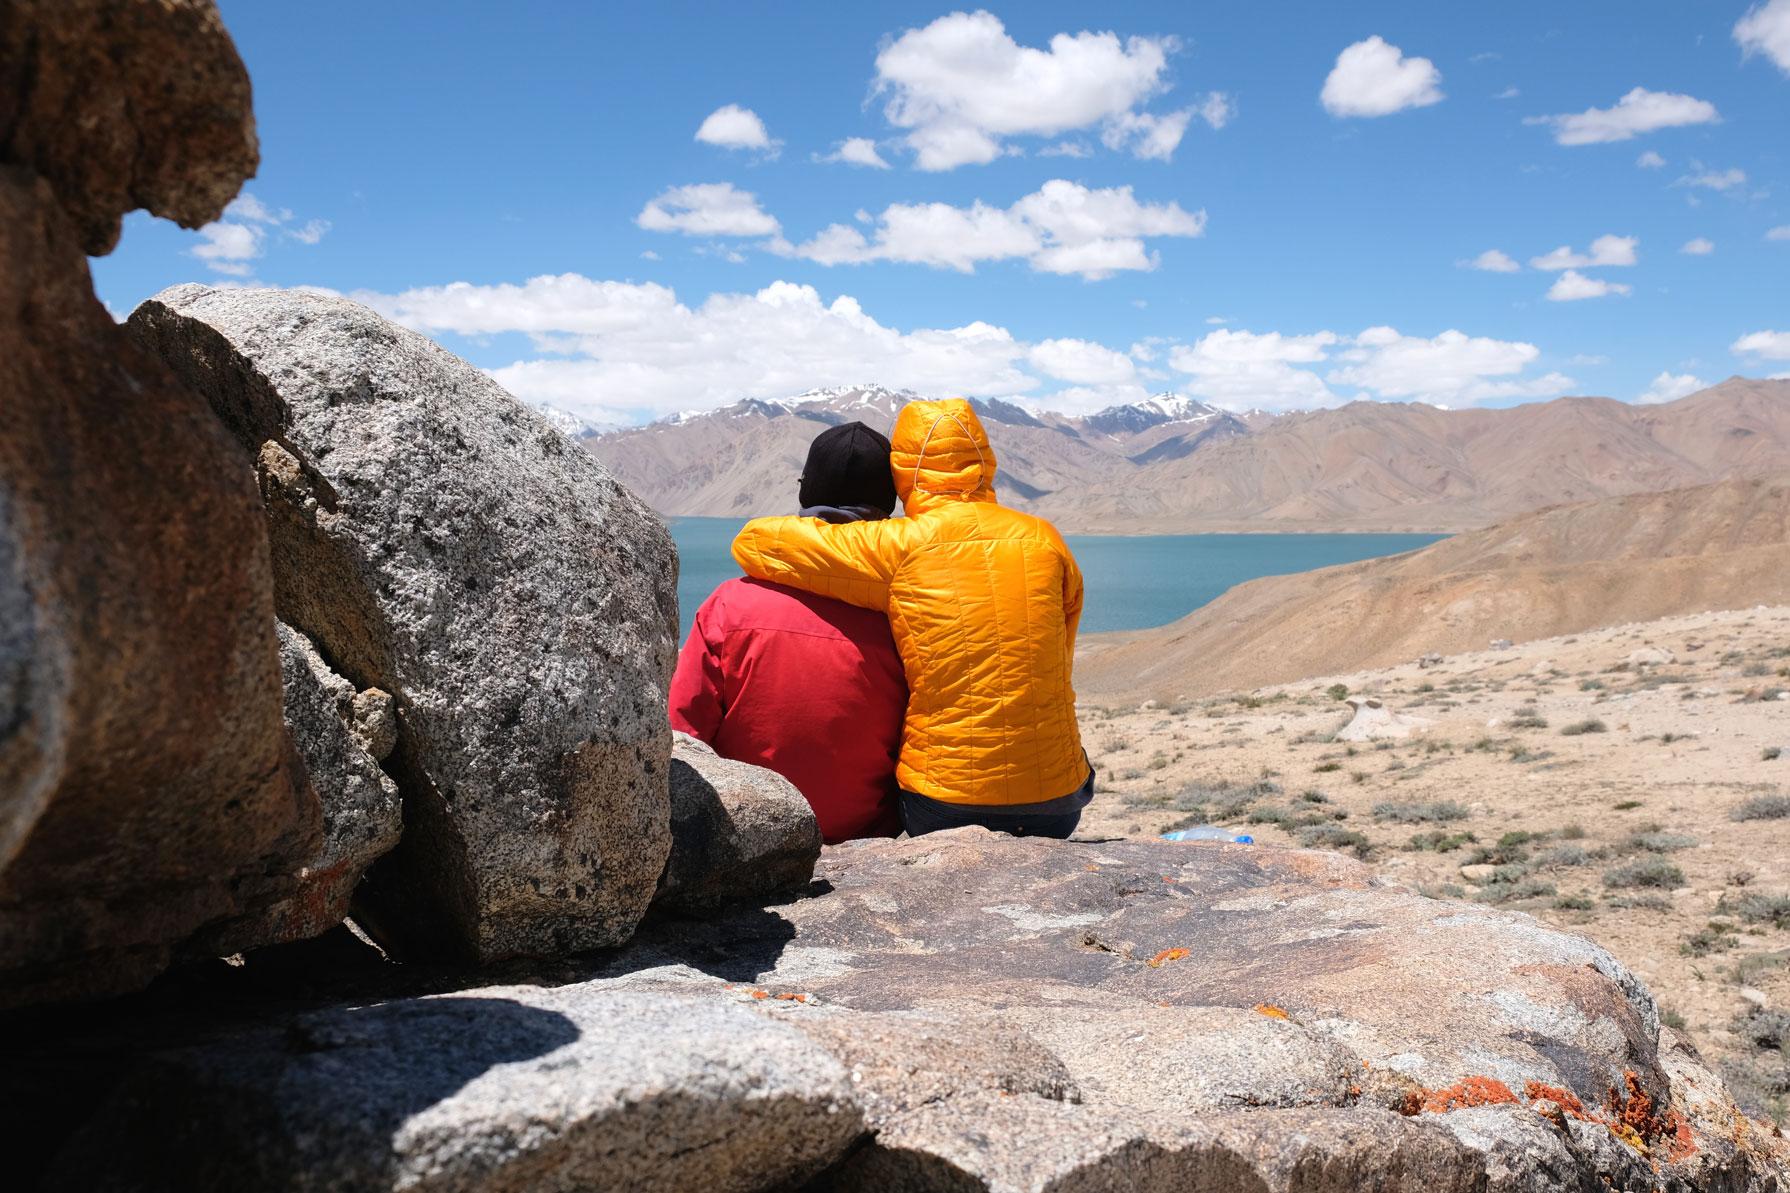 Am Jaschilkul-See machen wir Rast und genießen den Blick auf Wasser und Bergpanorama